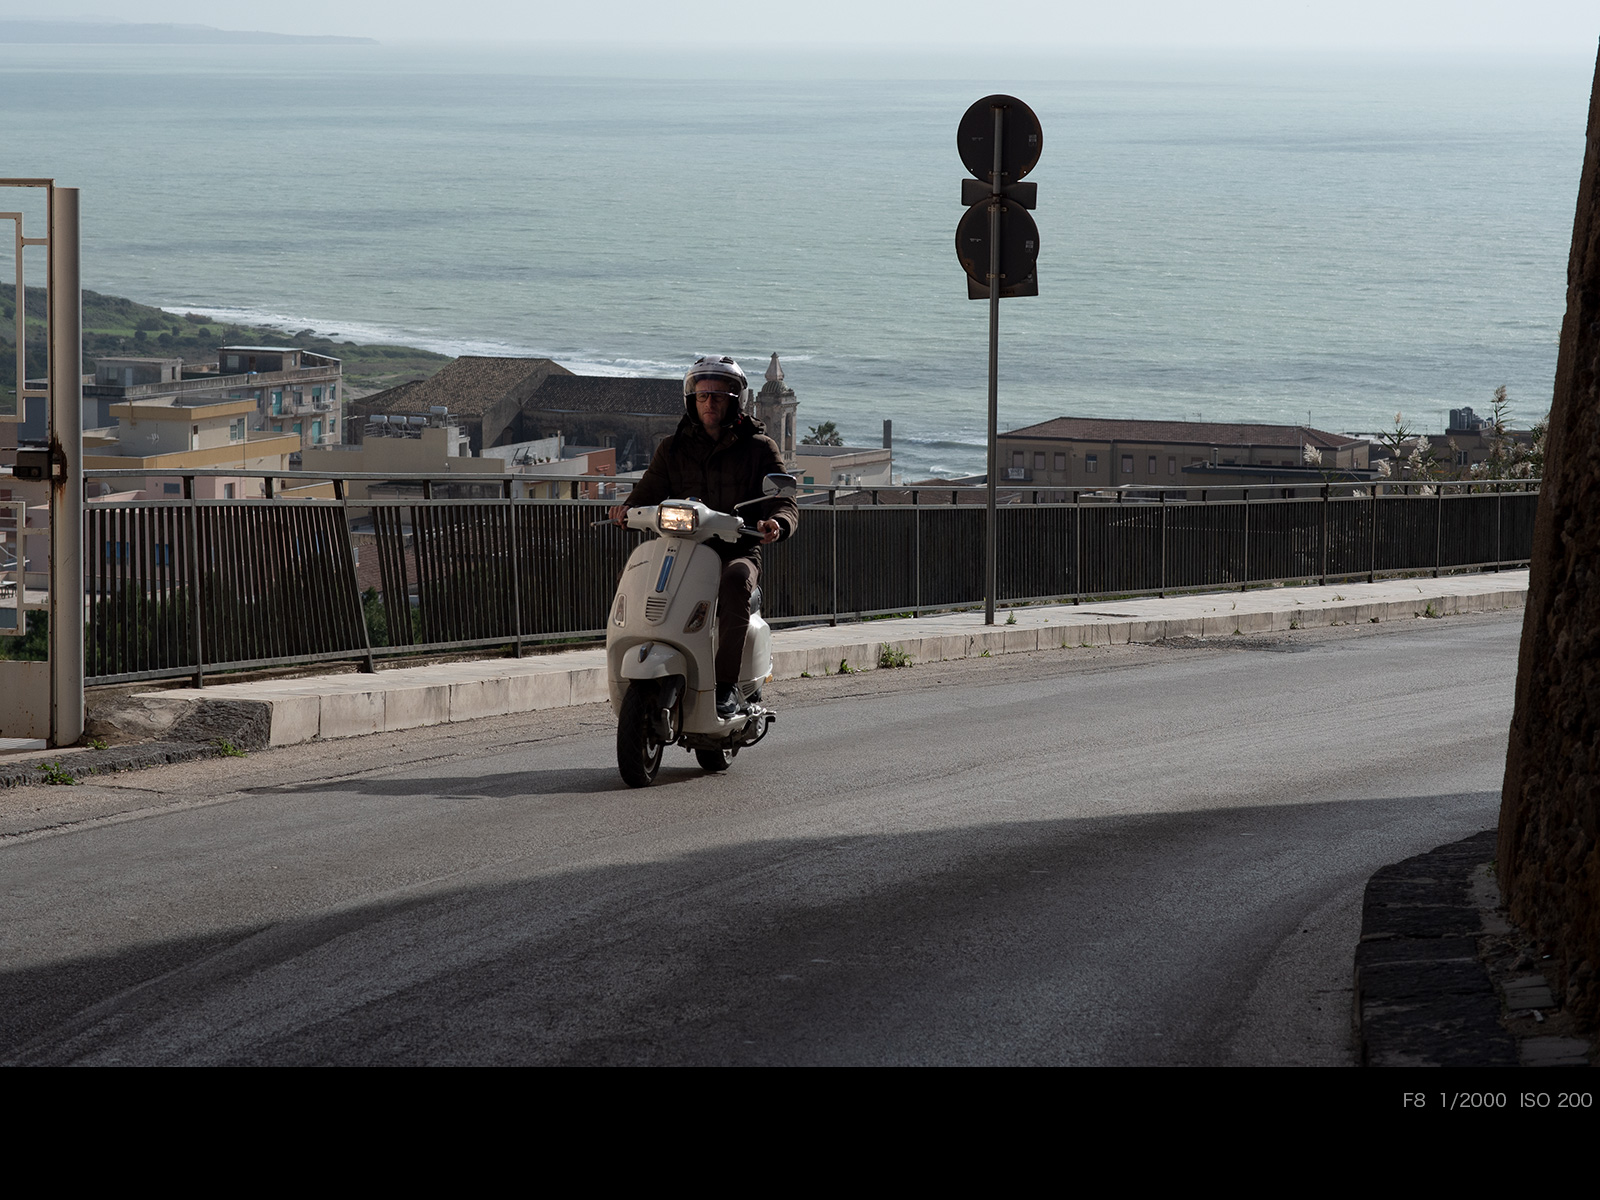 Мопед едет по дороге